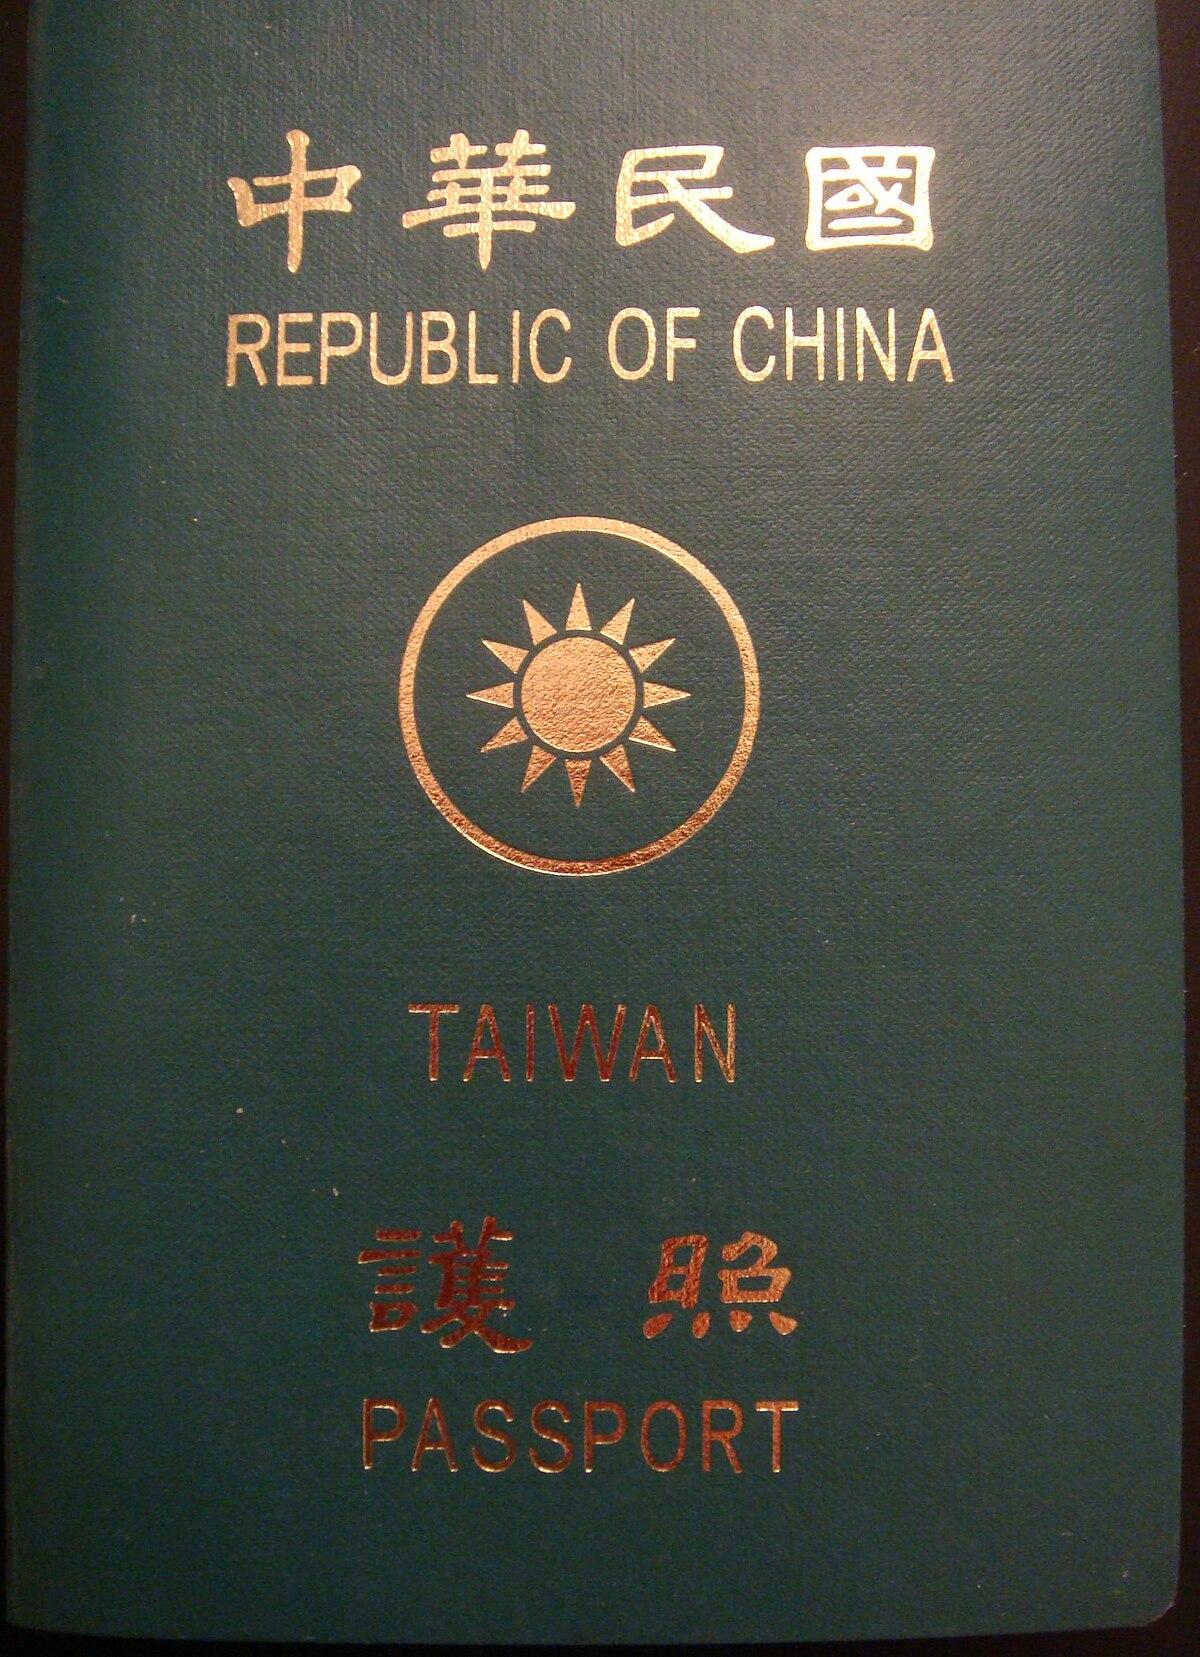 臺灣推出新版護照 加強臺灣辨識度 - 維基新聞,自由的新聞源